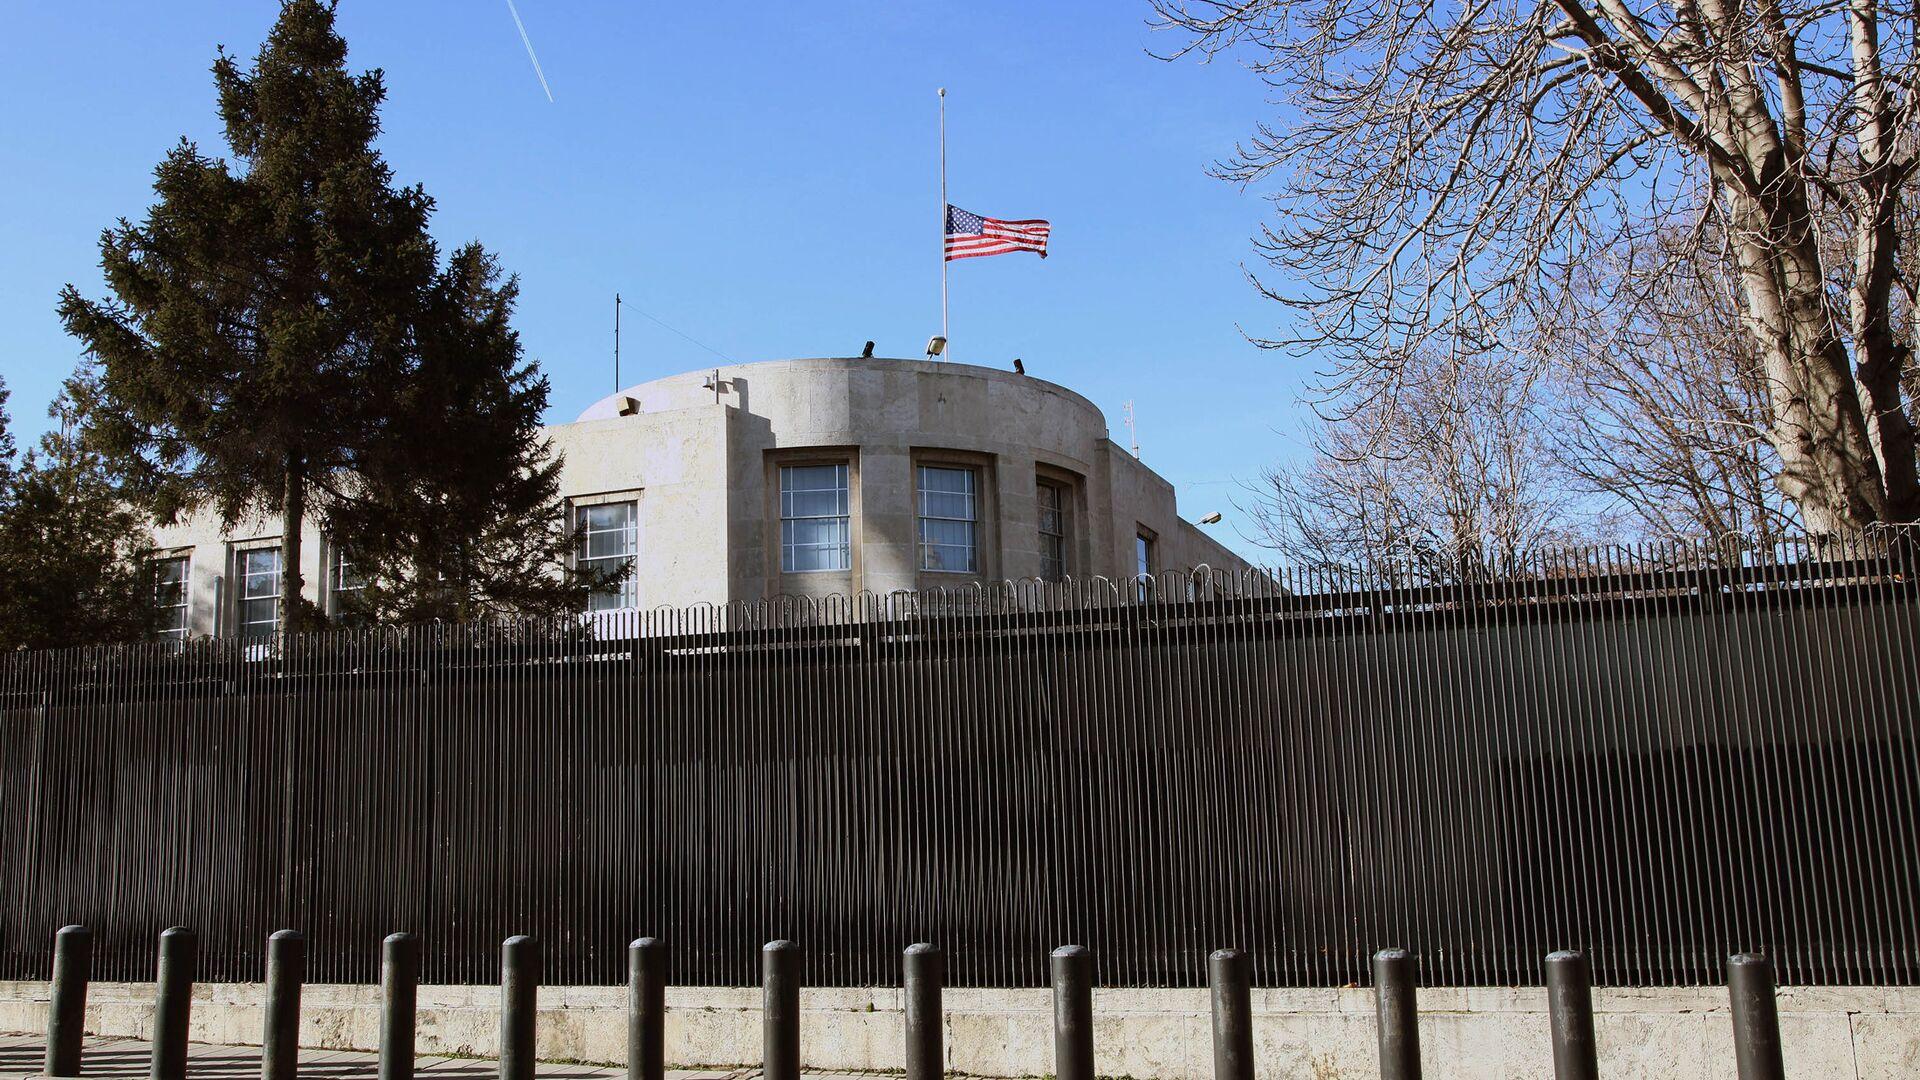 Здание американского посольства в Анкаре - РИА Новости, 1920, 24.04.2021